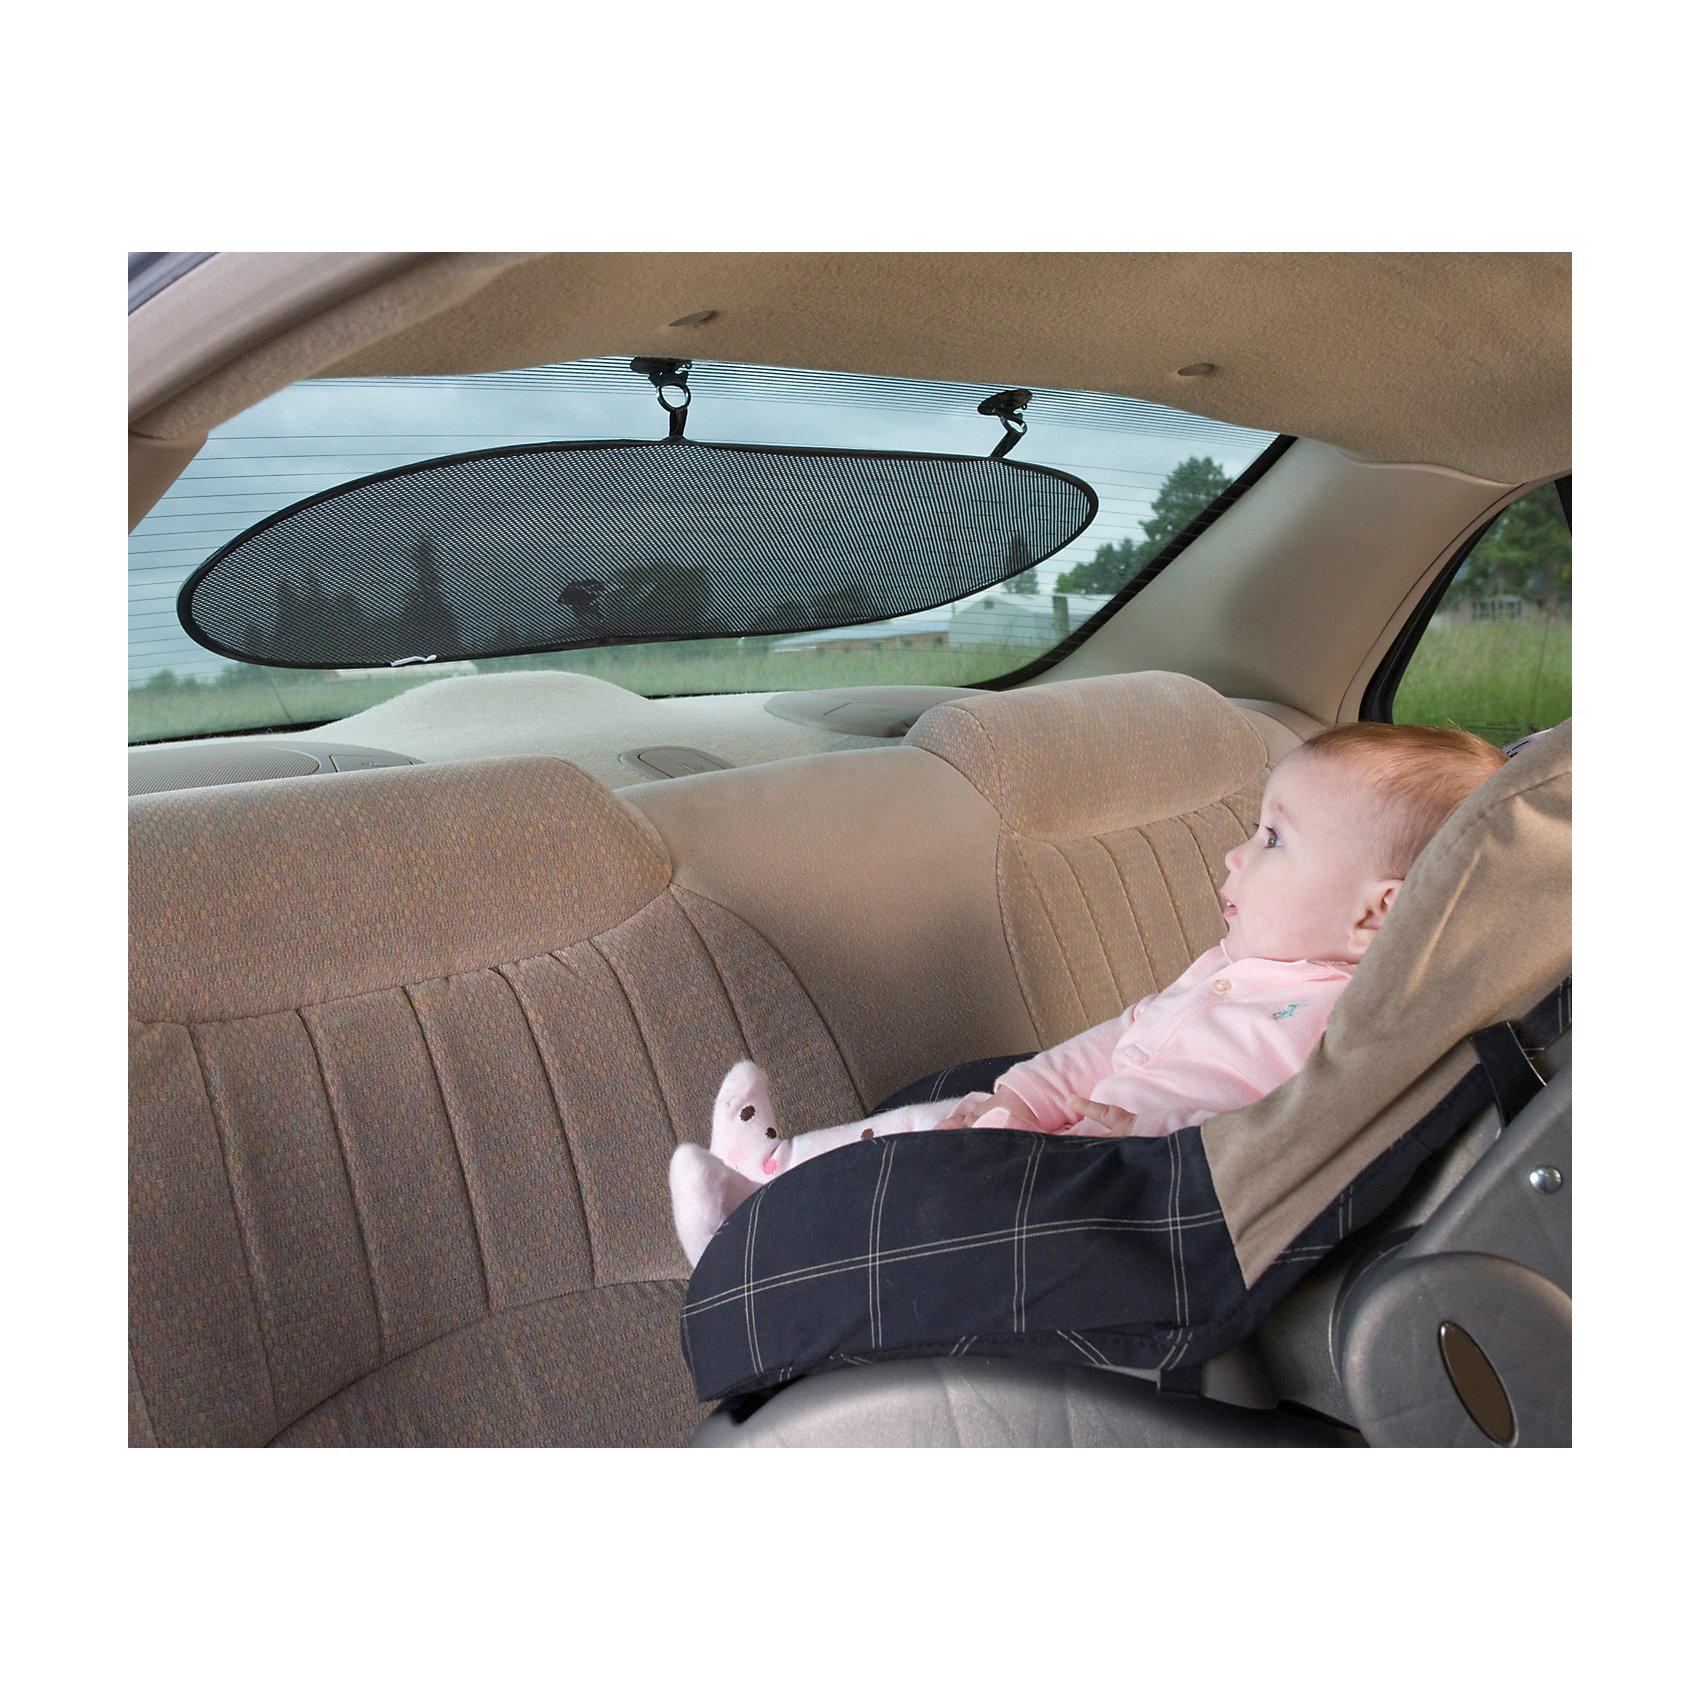 Шторка от солнца для автомобиля Sun Stop, DionoSun Stop - шторка для автомобиля. Она защитит ребенка от ярких солнечных лучей. Шторка надежно крепится на стекло автомобиля с помощью присосок.<br>Дополнительная информация:<br>-подходит ко всем автомобилям<br>-самораскрывающаяся конструкция<br>Материал: пластик<br>Цвет: черный<br>Размеры:  32,5х82,5 см<br>Шторку от солнца для автомобиля Sun Stop можно приобрести в нашем интернет-магазине.<br><br>Ширина мм: 307<br>Глубина мм: 213<br>Высота мм: 30<br>Вес г: 204<br>Цвет: черный<br>Возраст от месяцев: 0<br>Возраст до месяцев: 144<br>Пол: Унисекс<br>Возраст: Детский<br>SKU: 3177574